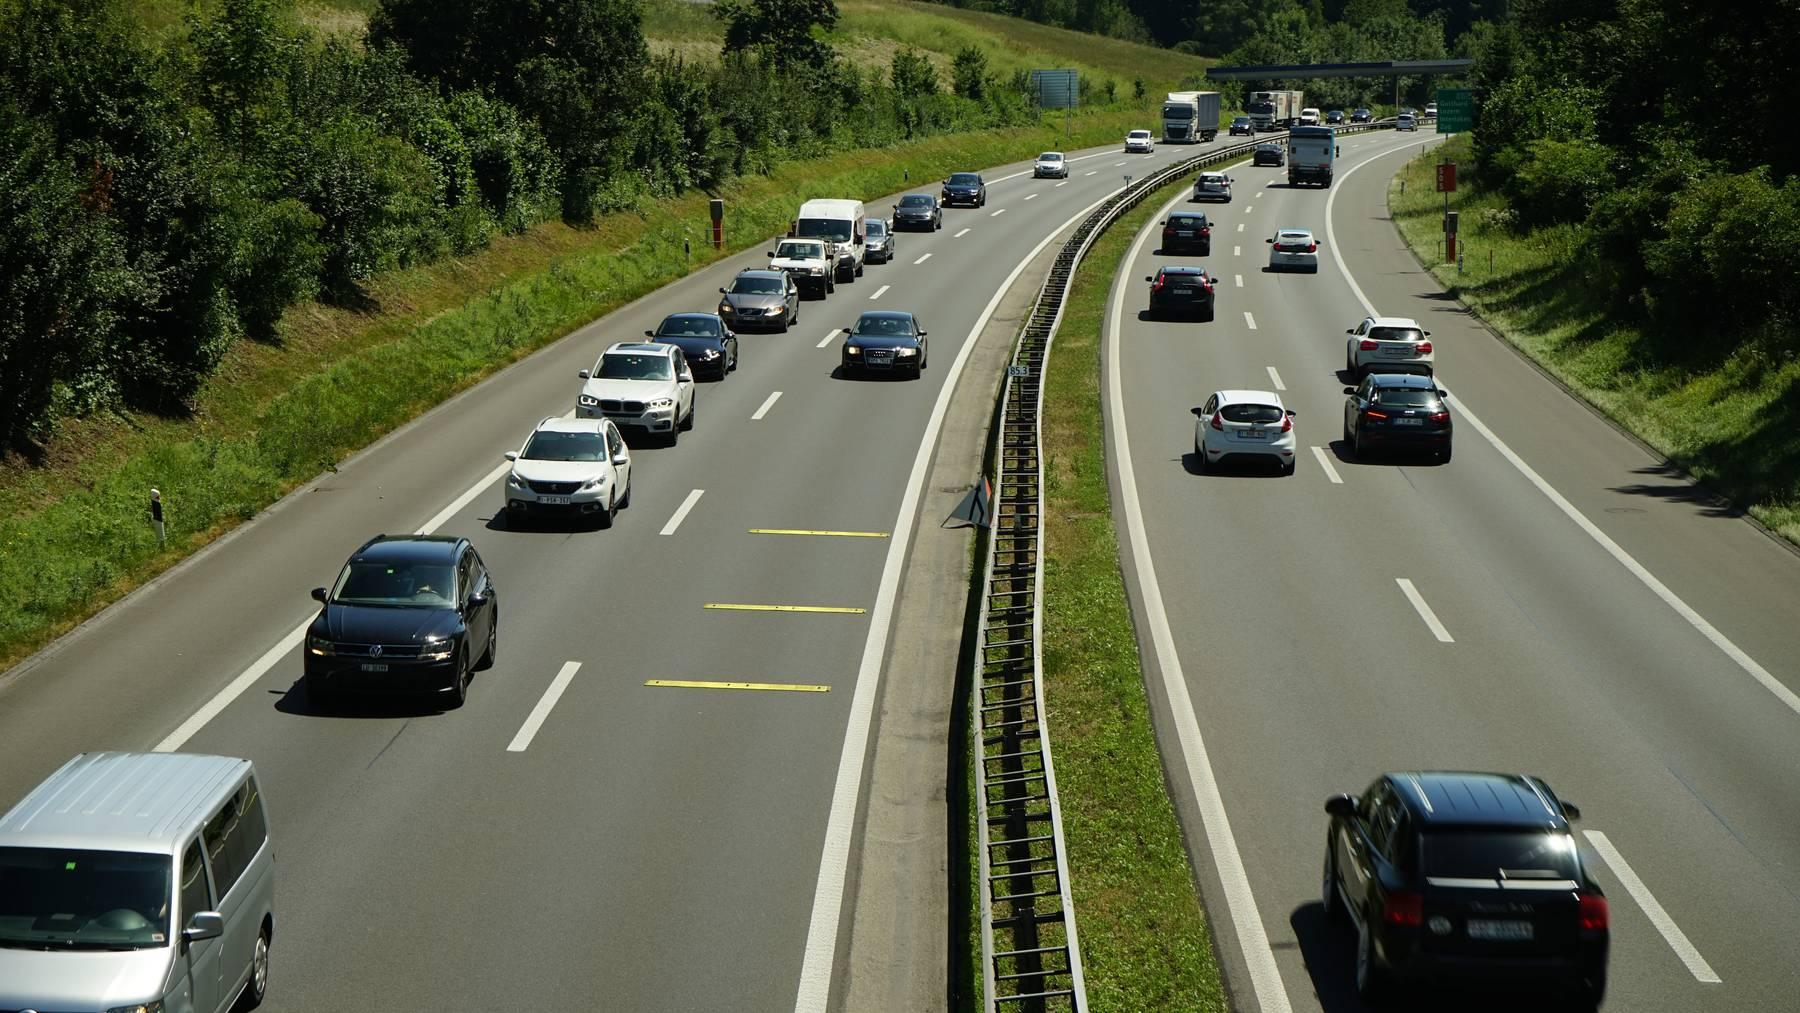 Parlament erlaubt Rechtsvorbeifahren auf Autobahnen